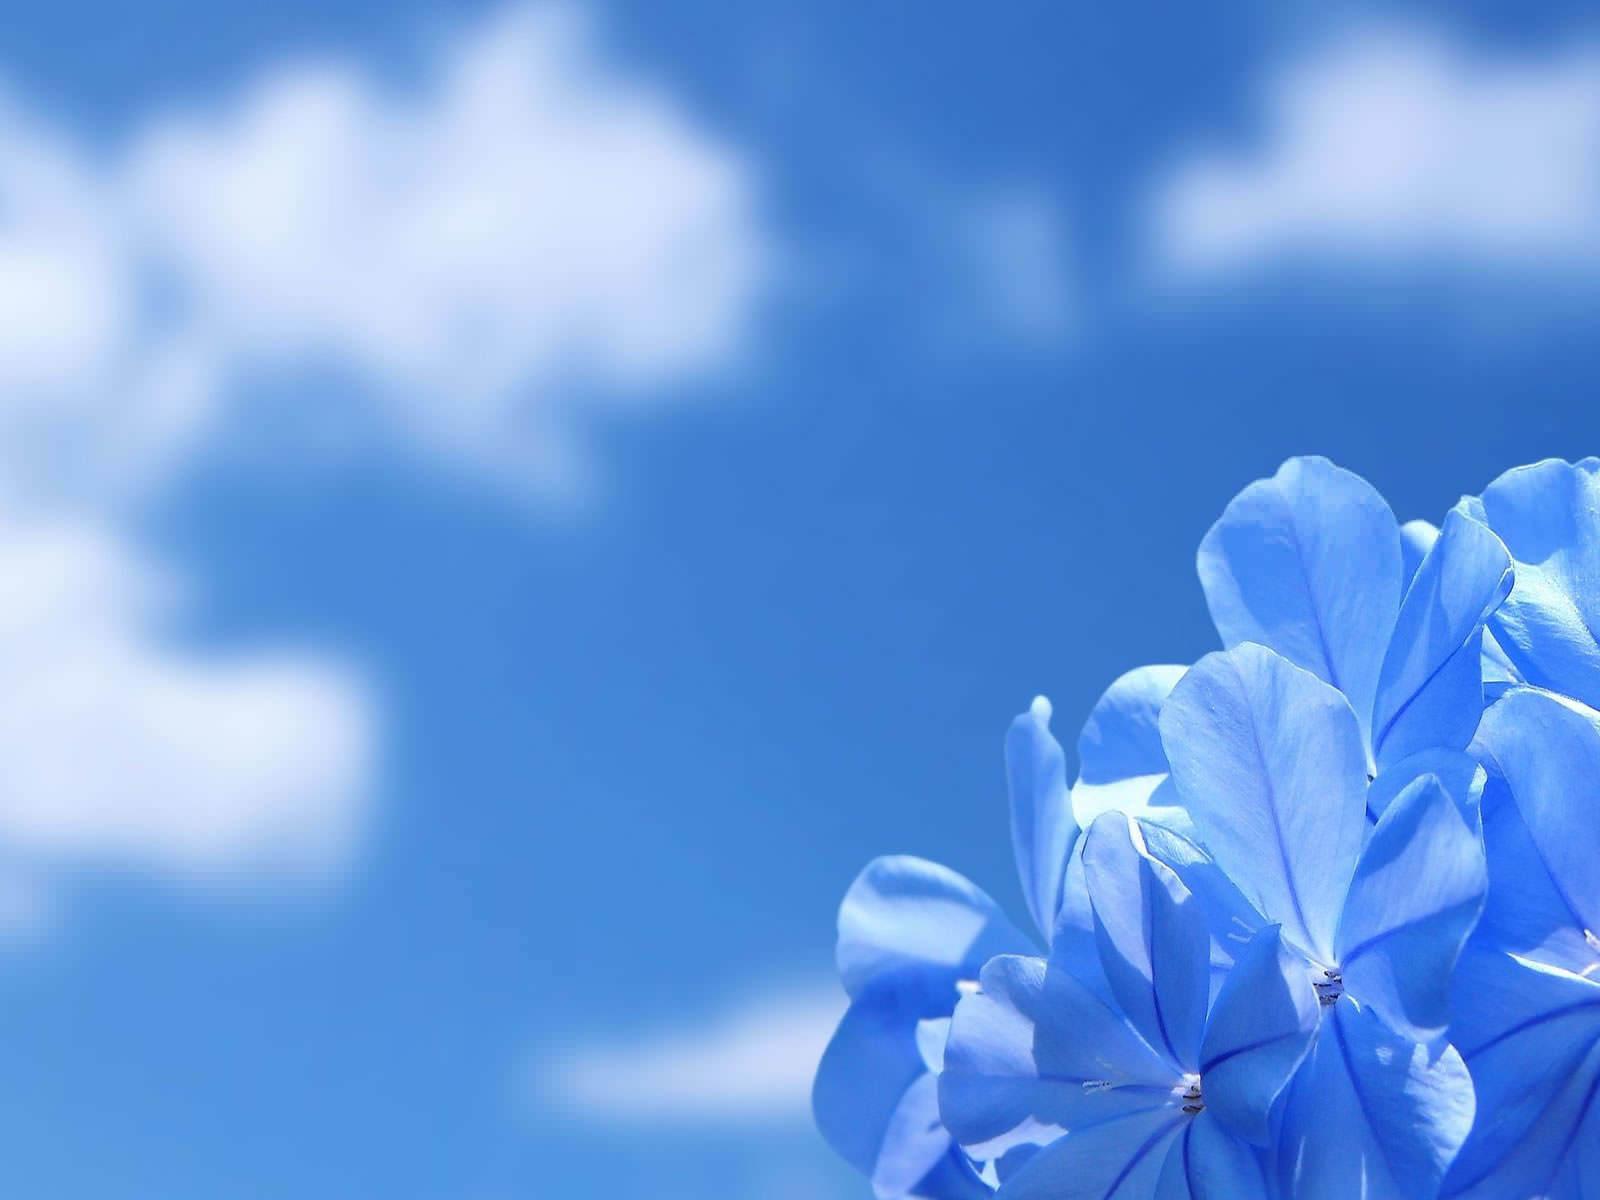 Blue Flower Wallpaper 1600x1200